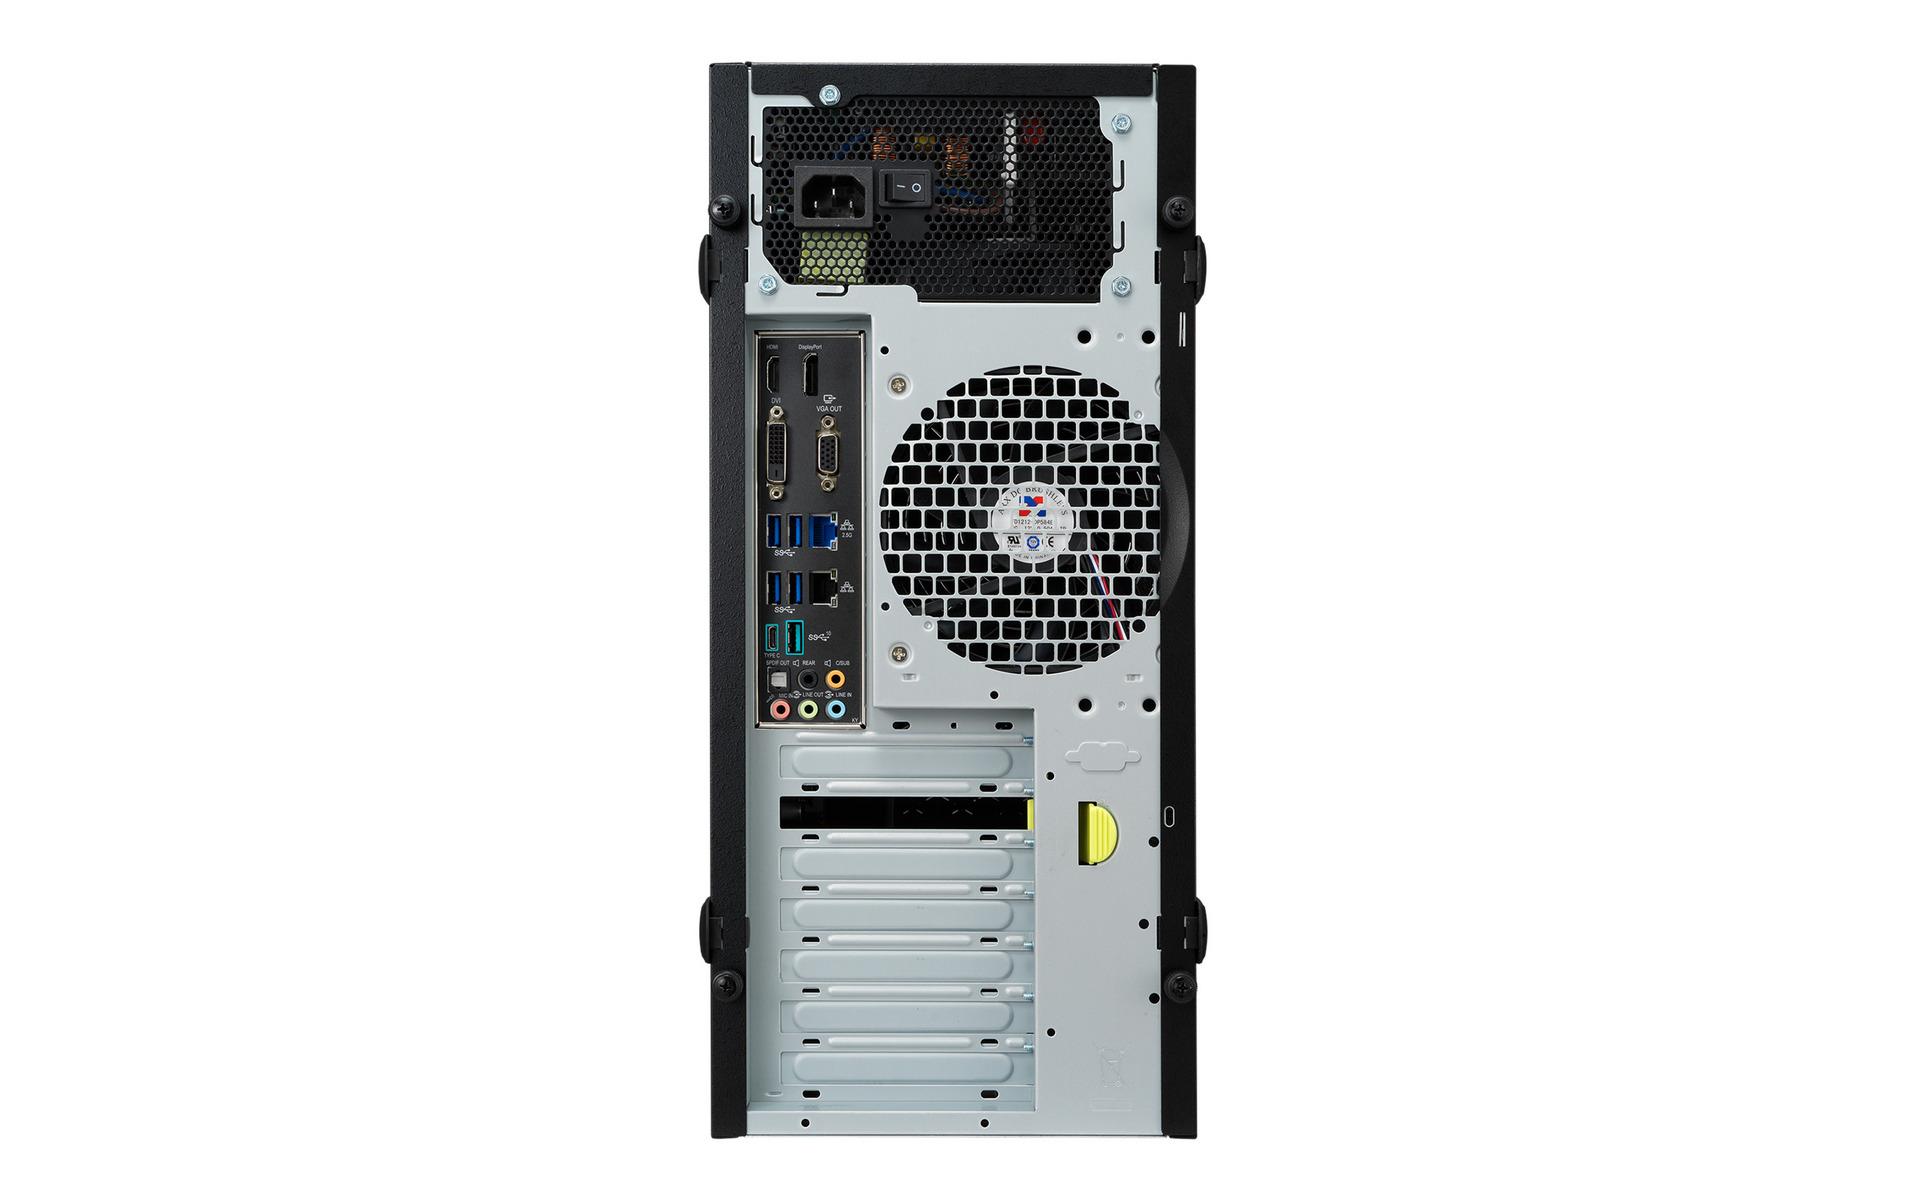 ASUS Pro E500 G6 mang đến khả năng kết nối mạnh mẽ